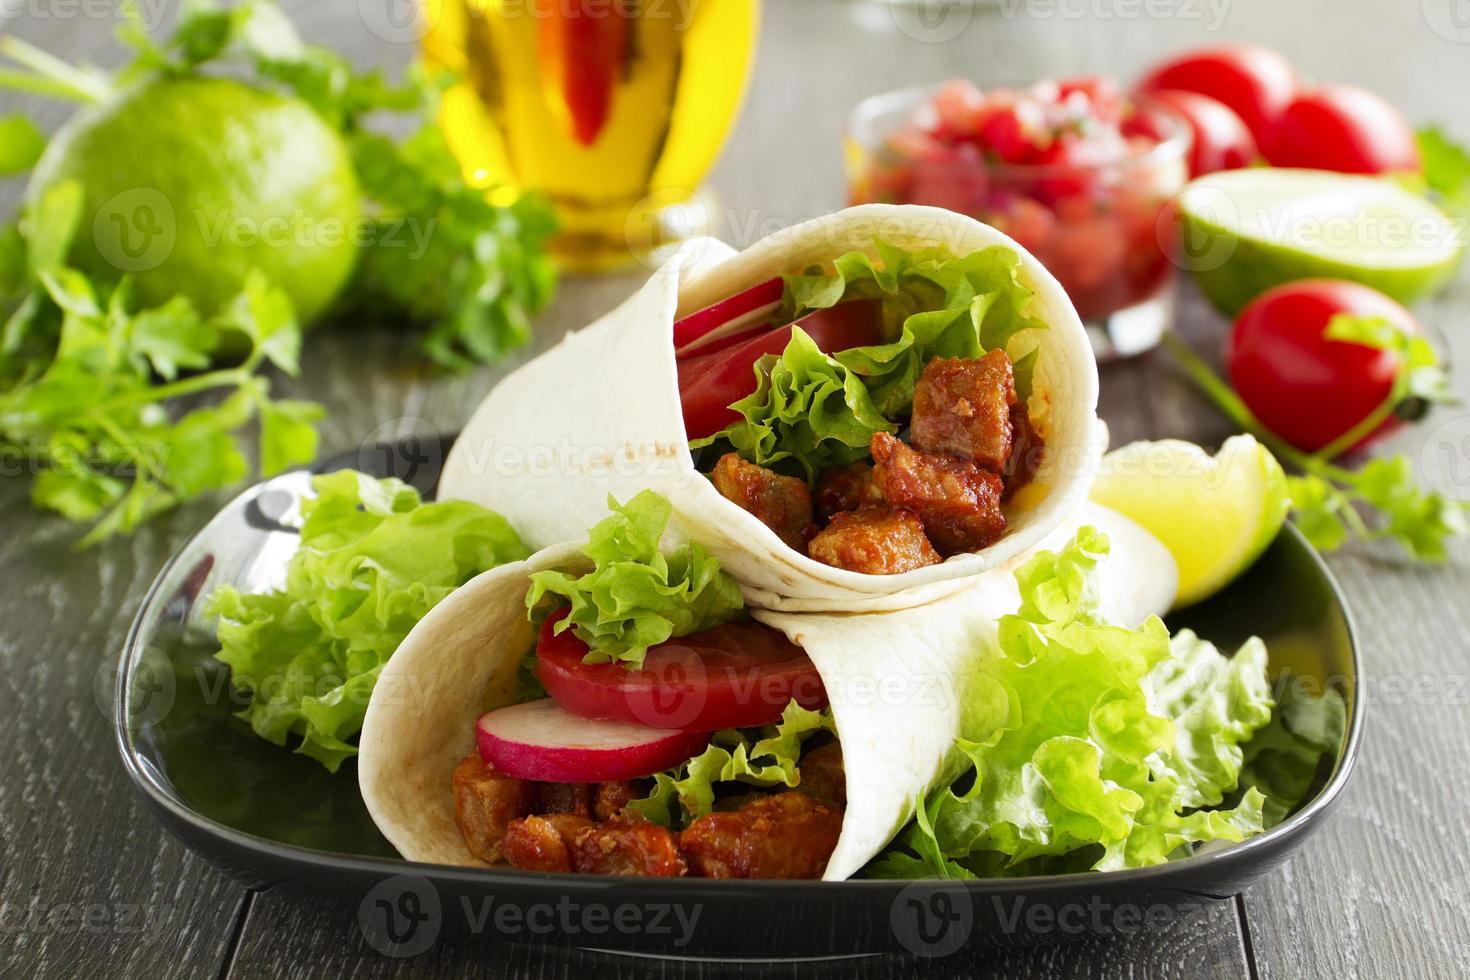 burrito con carne de cerdo y tomate. foto